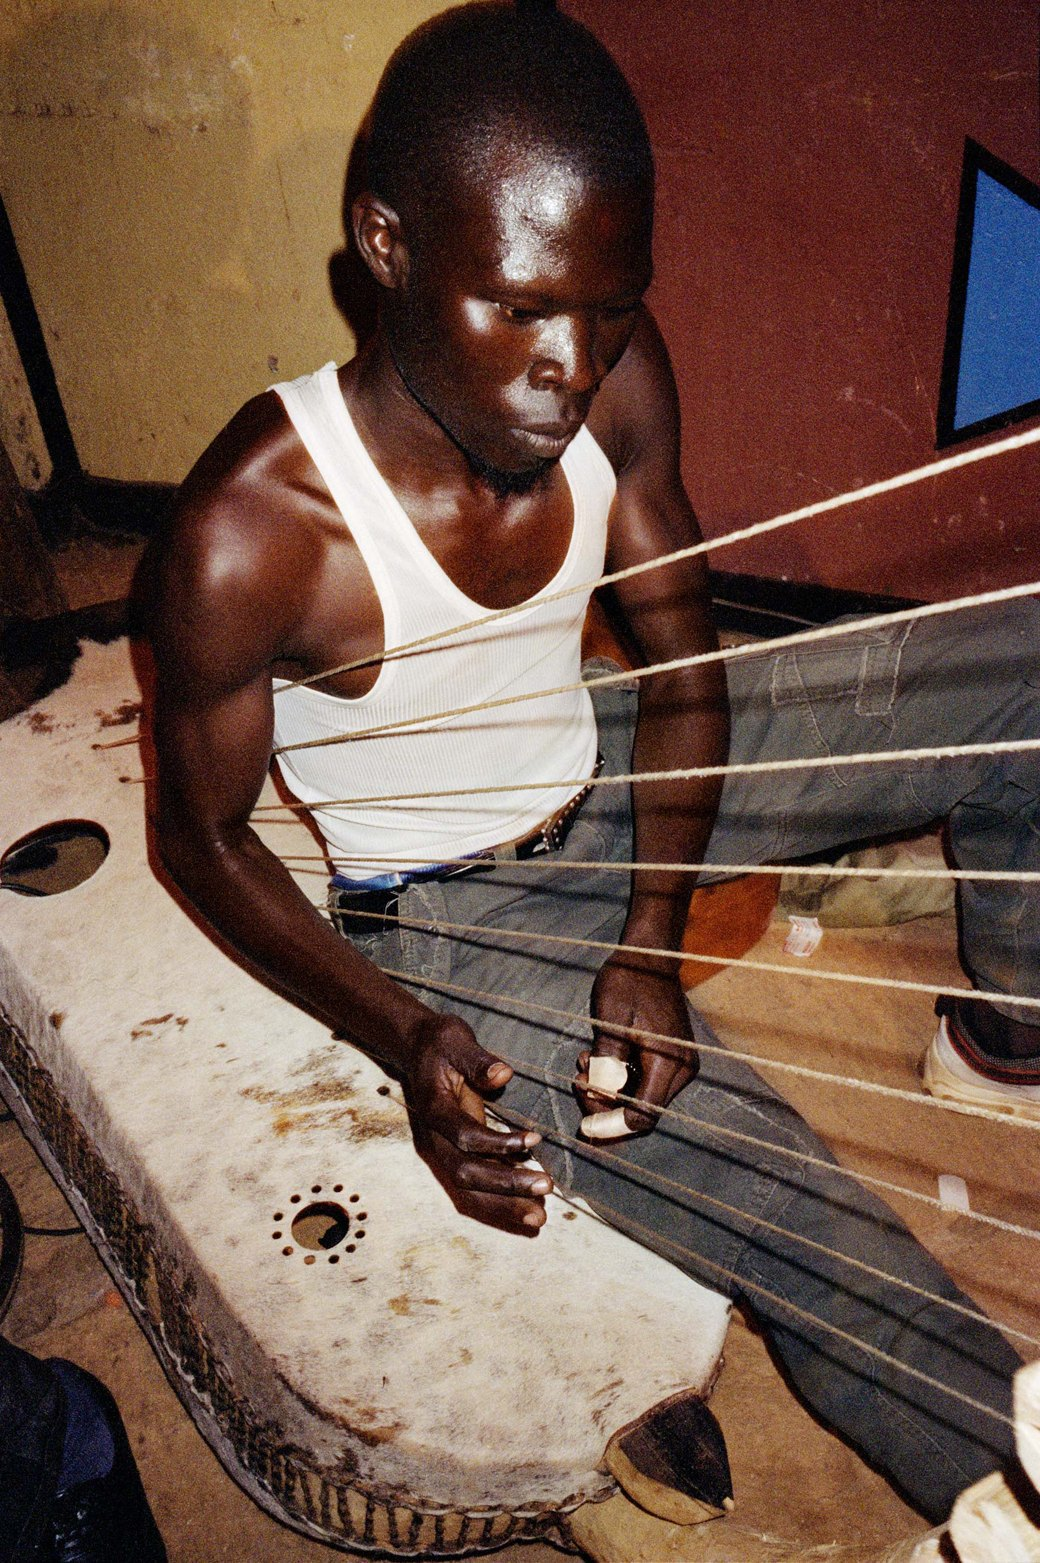 Сутенёры, лучники и золотая молодёжь: Фоторепортаж о ночной жизни в Уганде. Изображение № 16.